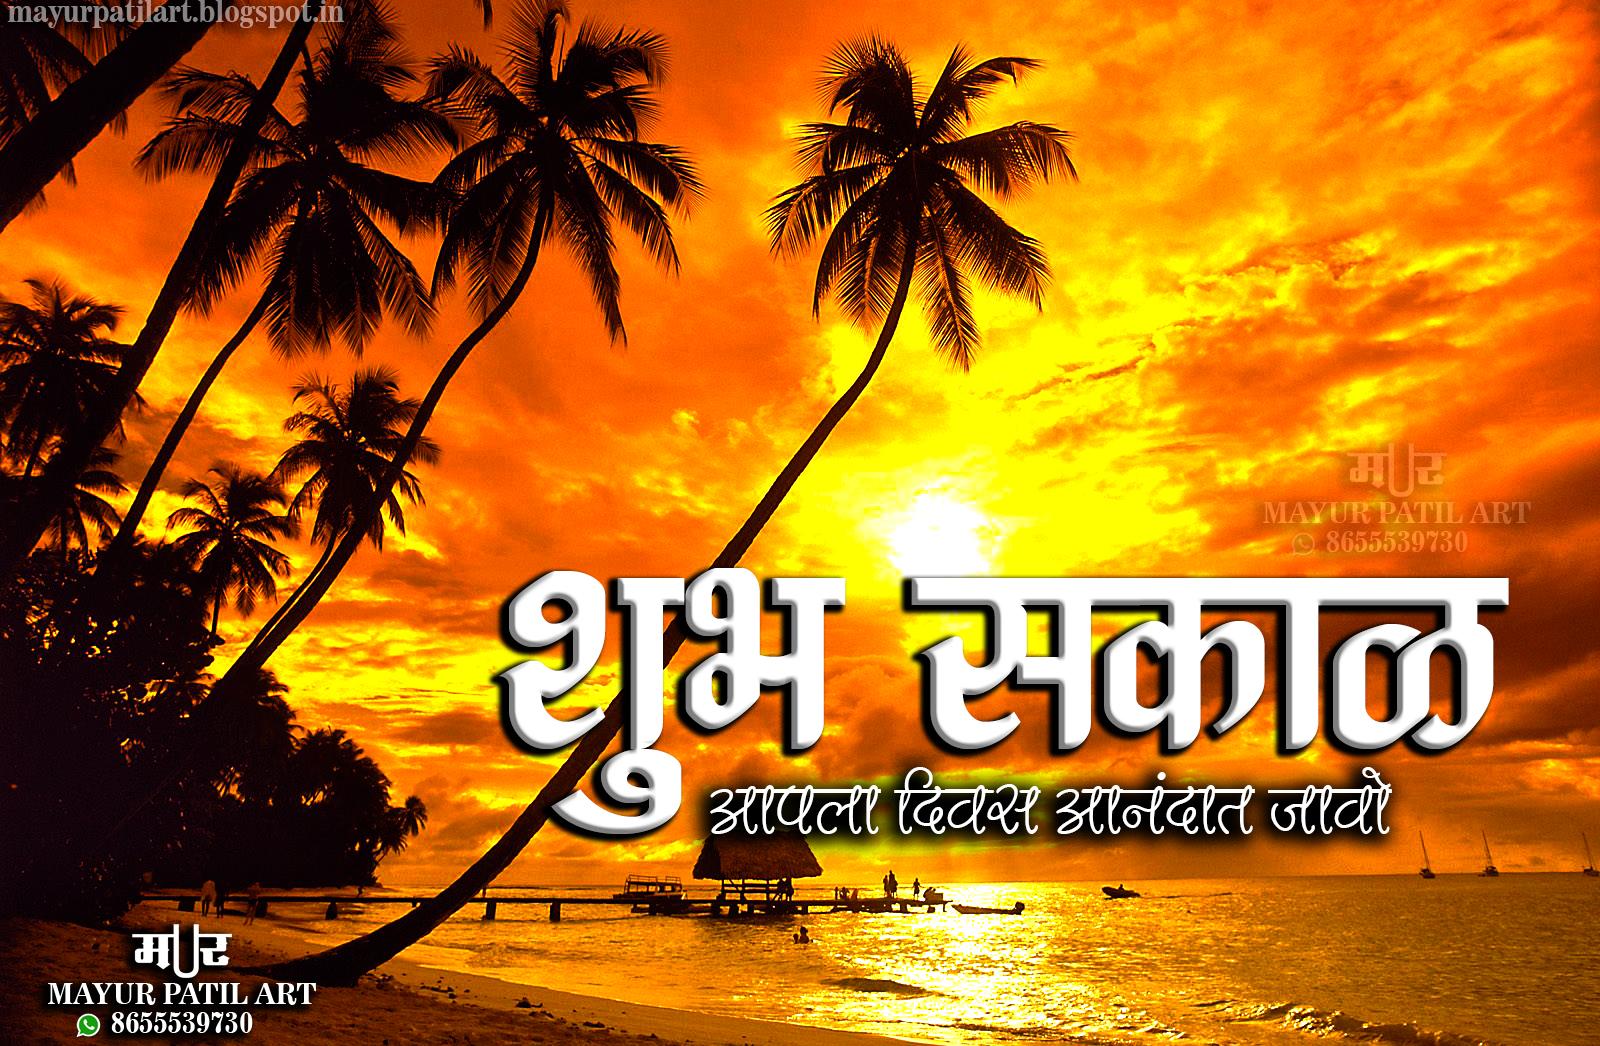 Good Morning Wallpapers Marathi